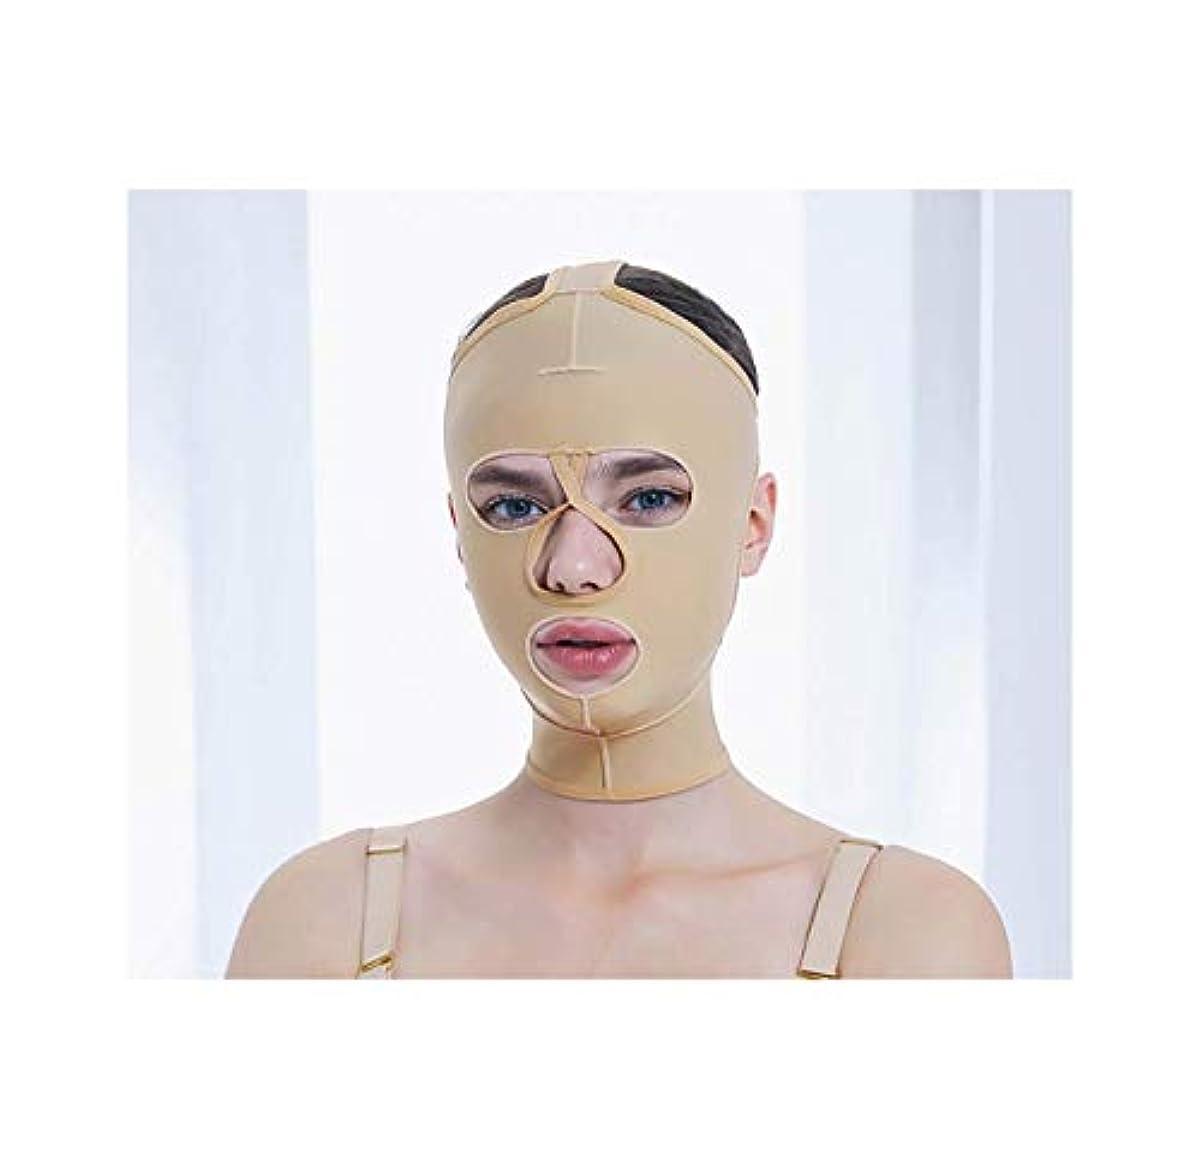 肥沃な証明する乳白色フェイス&ネックリフト、減量フェイスマスク脂肪吸引術脂肪吸引整形マスクフードフェイスリフティングアーティファクトVフェイスビームフェイス弾性スリーブ(サイズ:XS),S